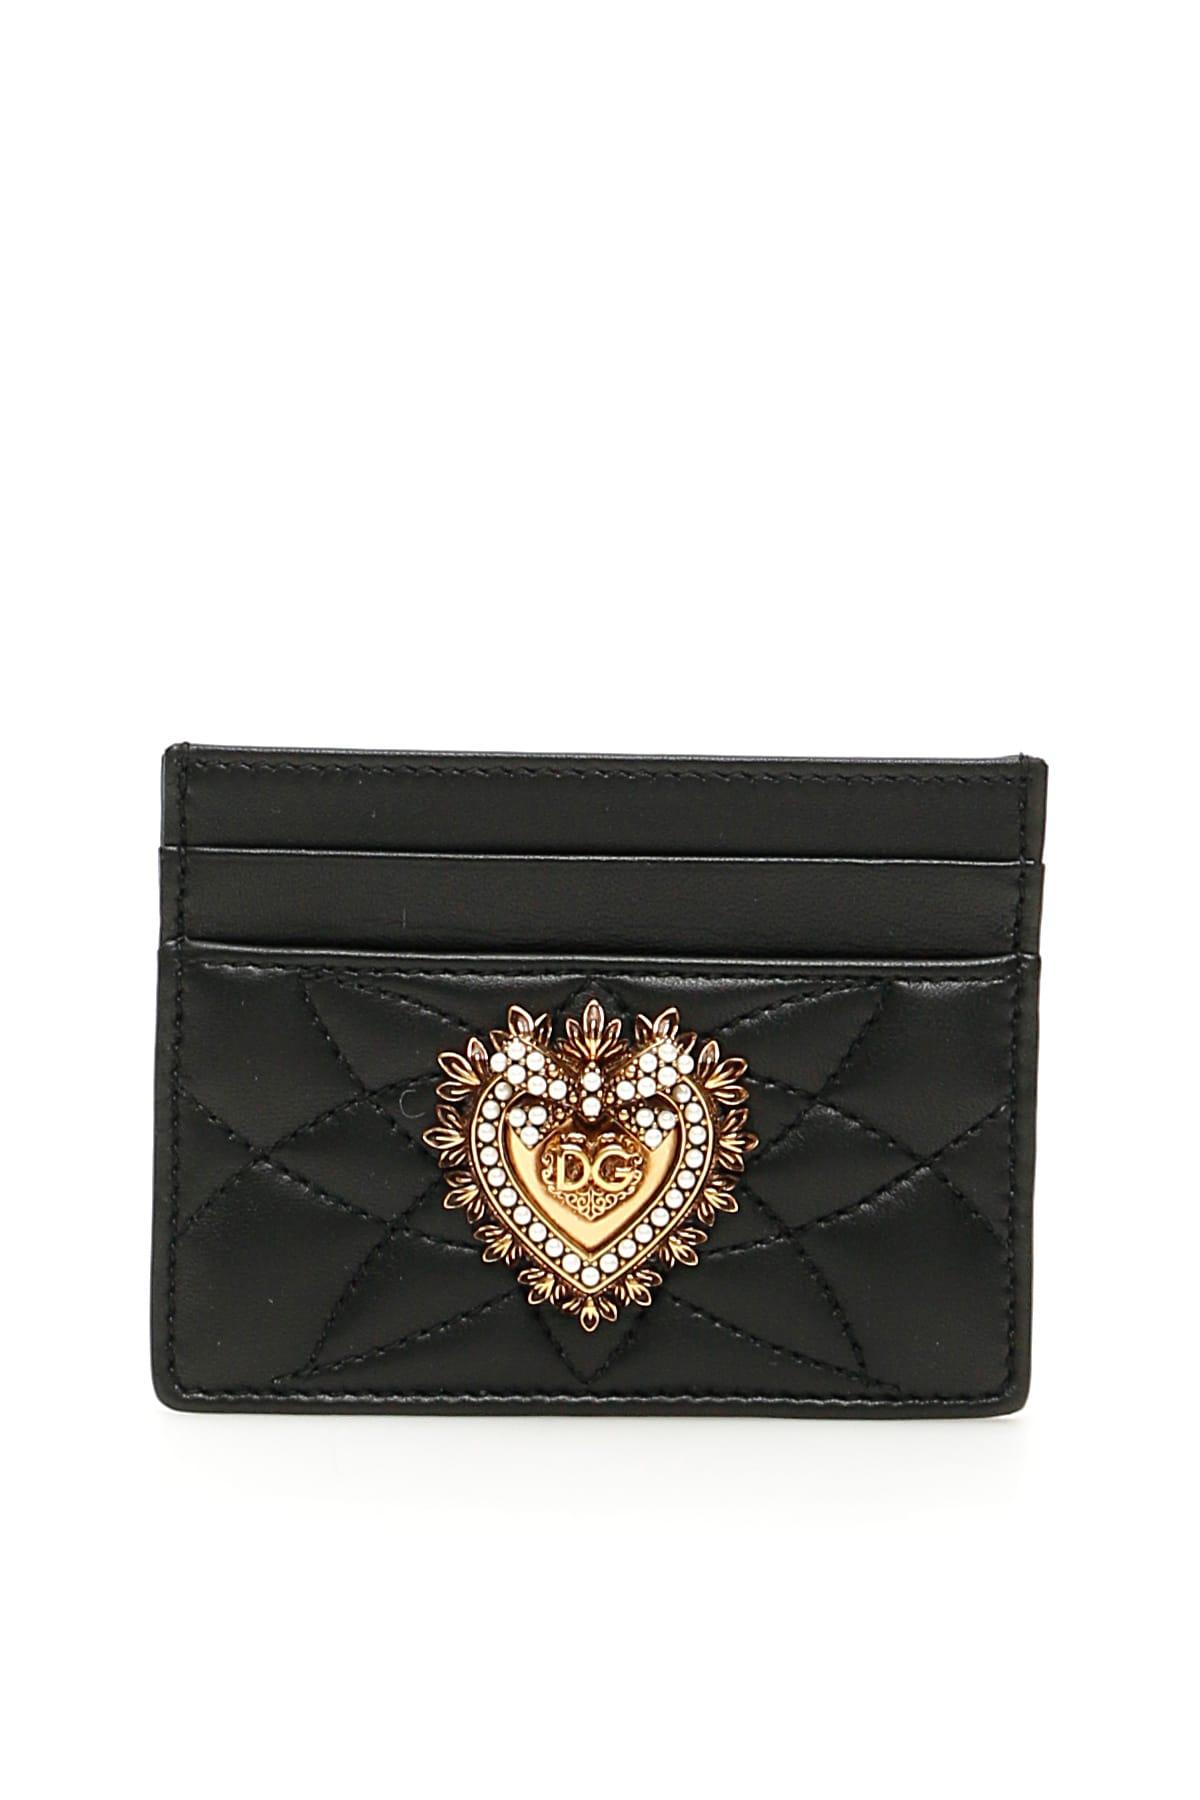 Dolce & Gabbana Cardholders DEVOTION LEATHER CARDHOLDER